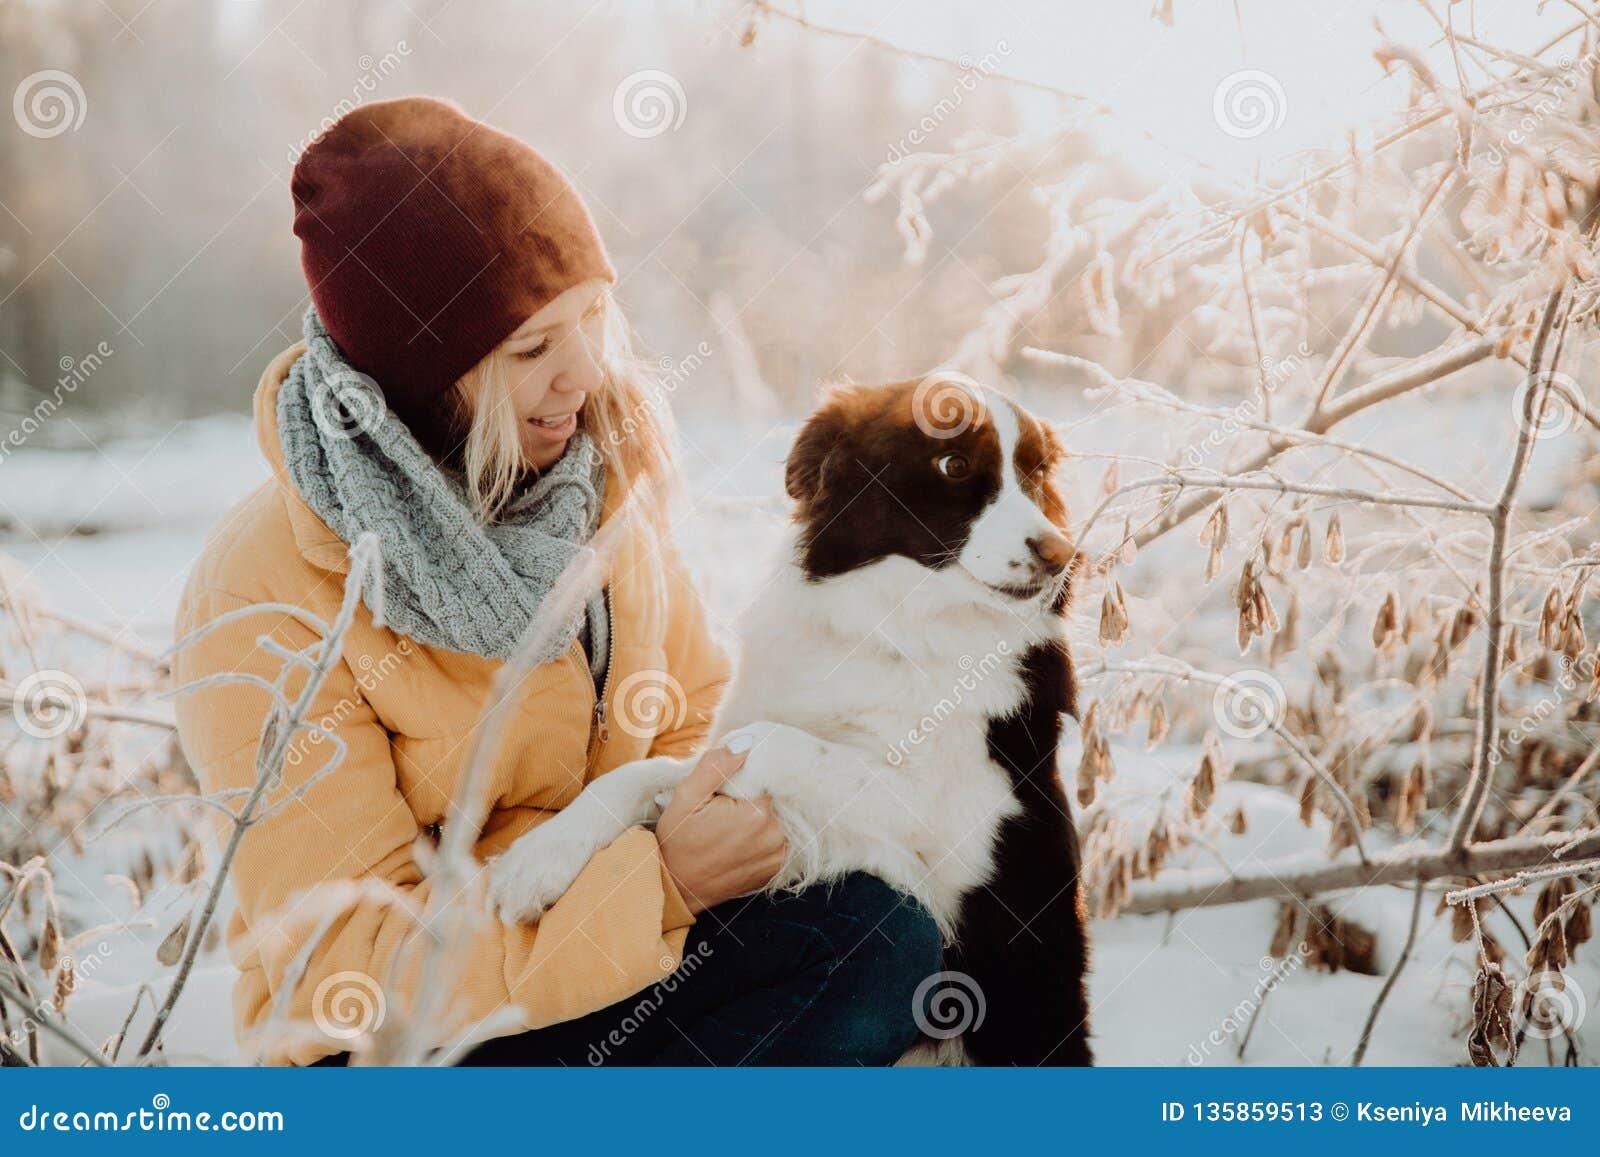 Frontera blanco y negro linda mullida adorable colly que es entrenada y que acaricia a la muchacha en un parque luces y arbustos